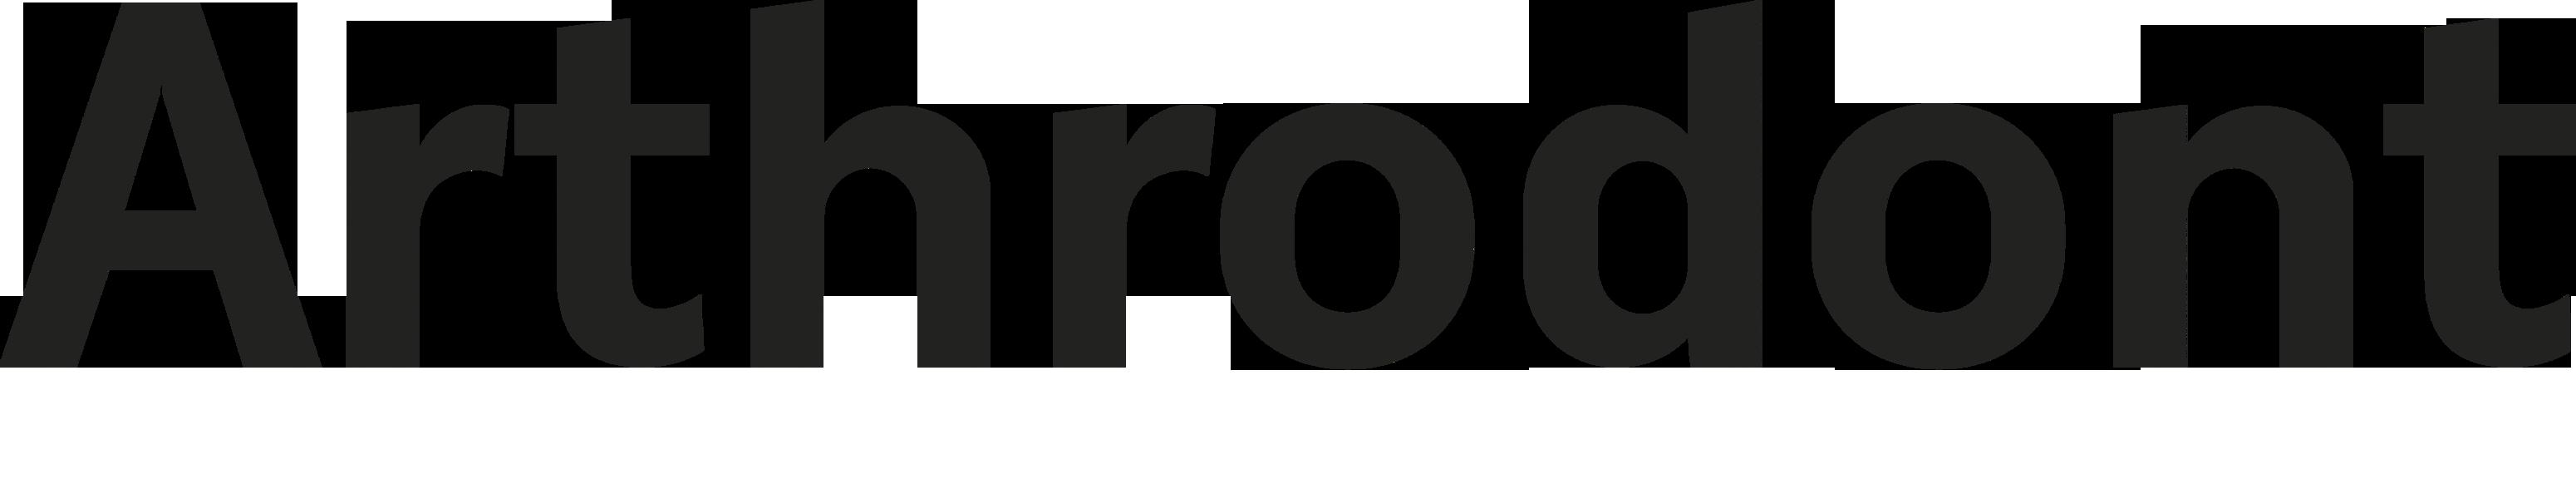 oc_arthrodont_logo_noir_siteweb